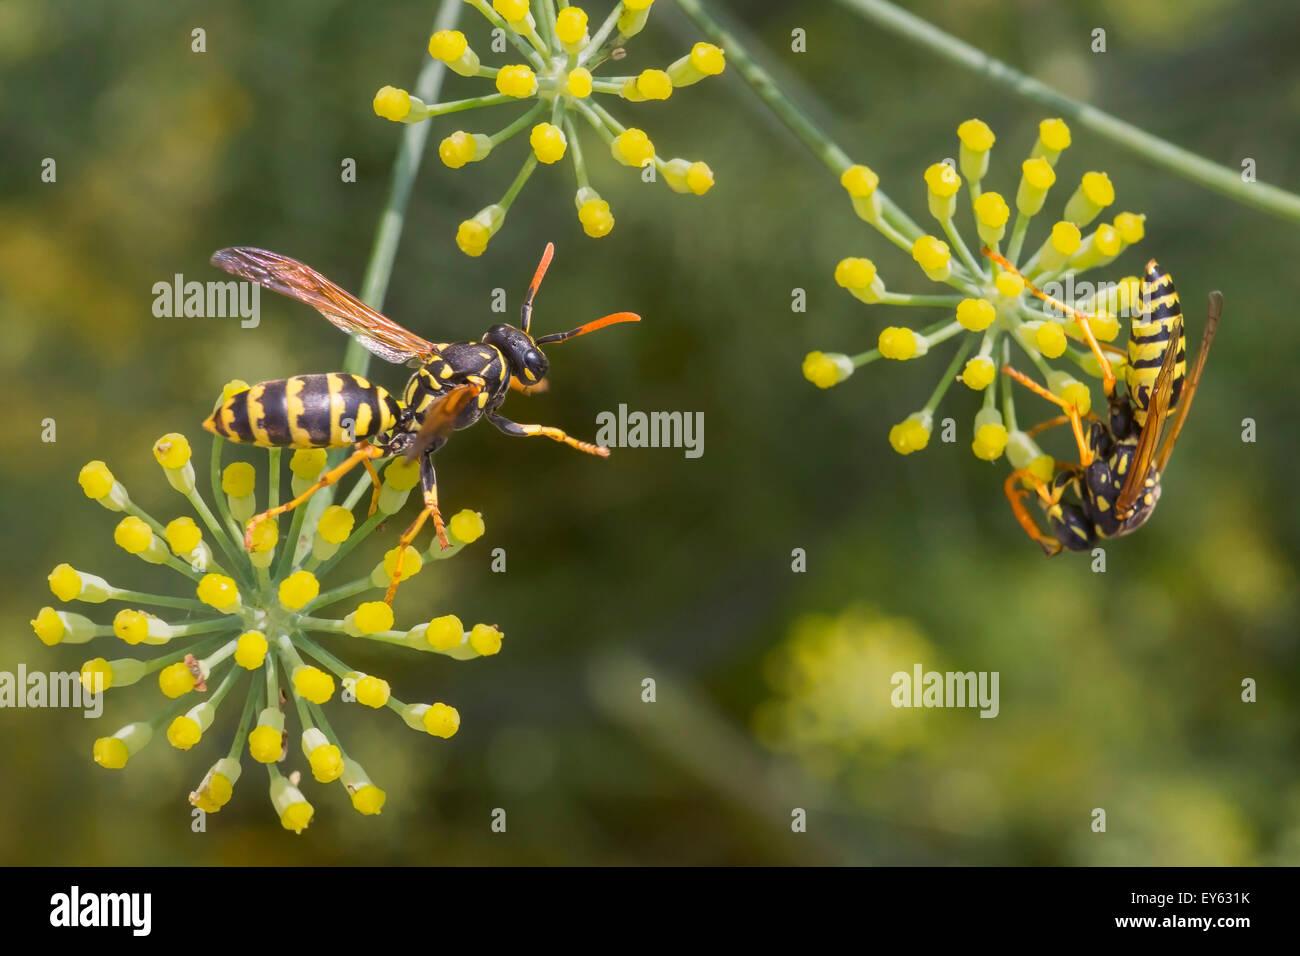 Las avispas sociales recogiendo el néctar de las flores del hinojo en verano Foto de stock